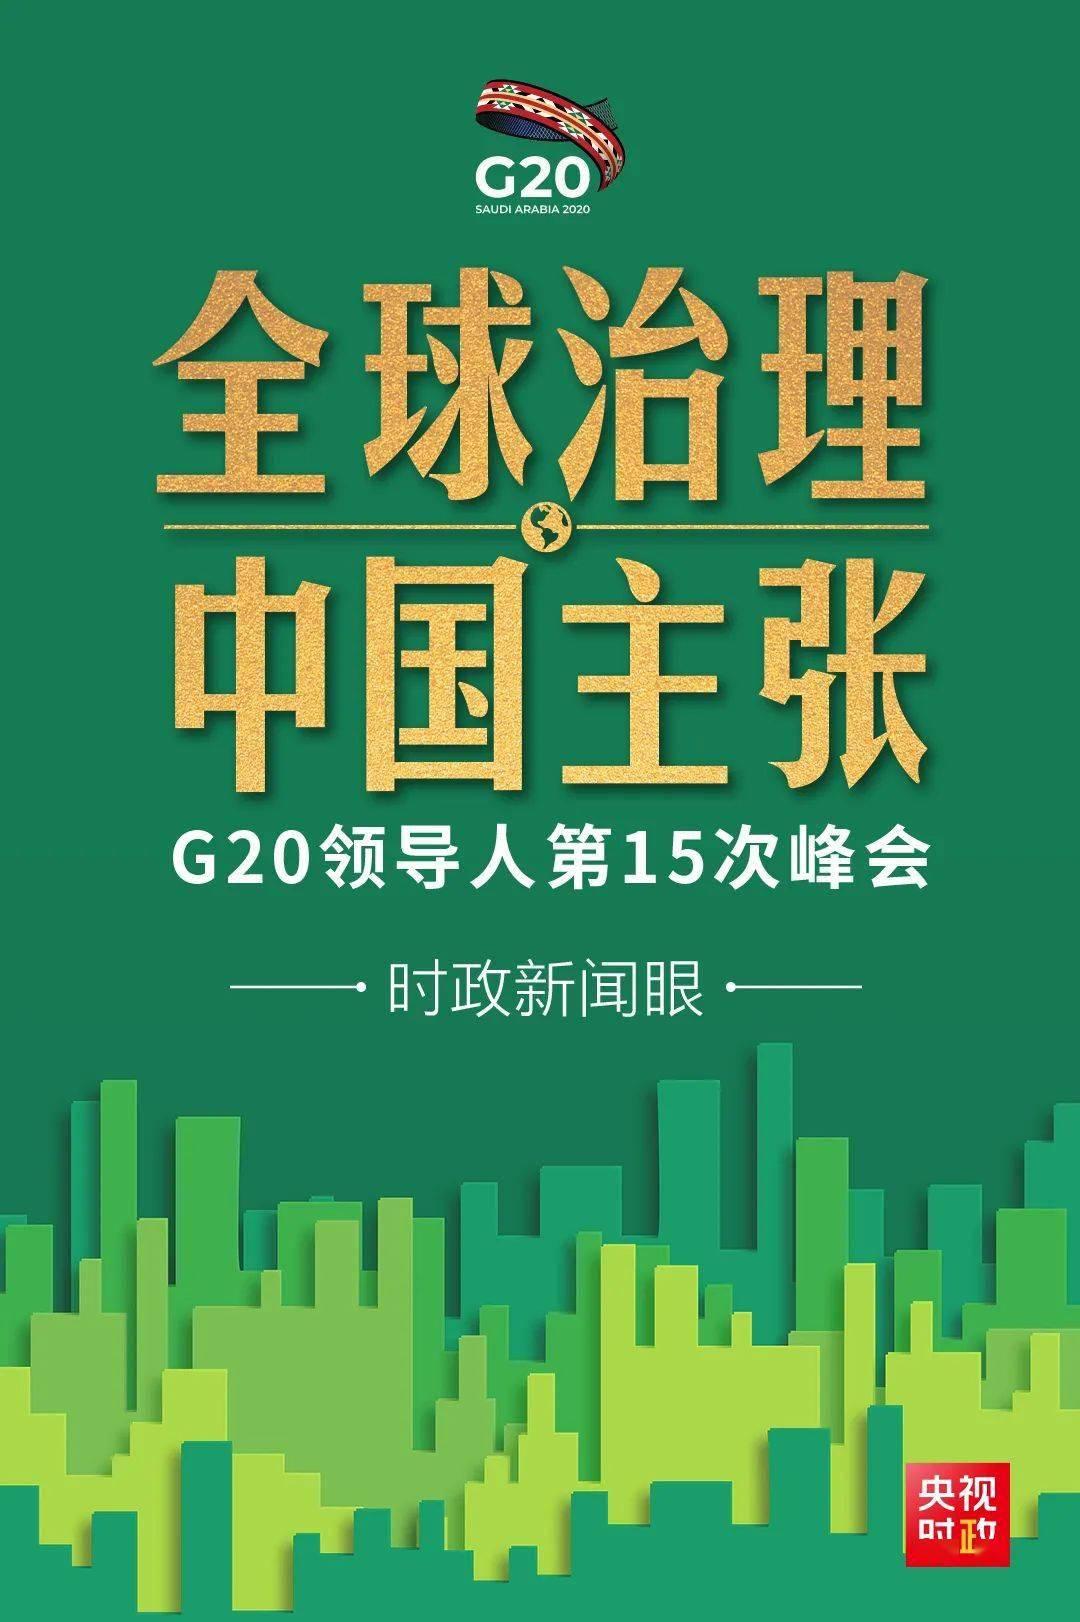 后疫情时代G20如何引领全球治理,习近平提出中国主张